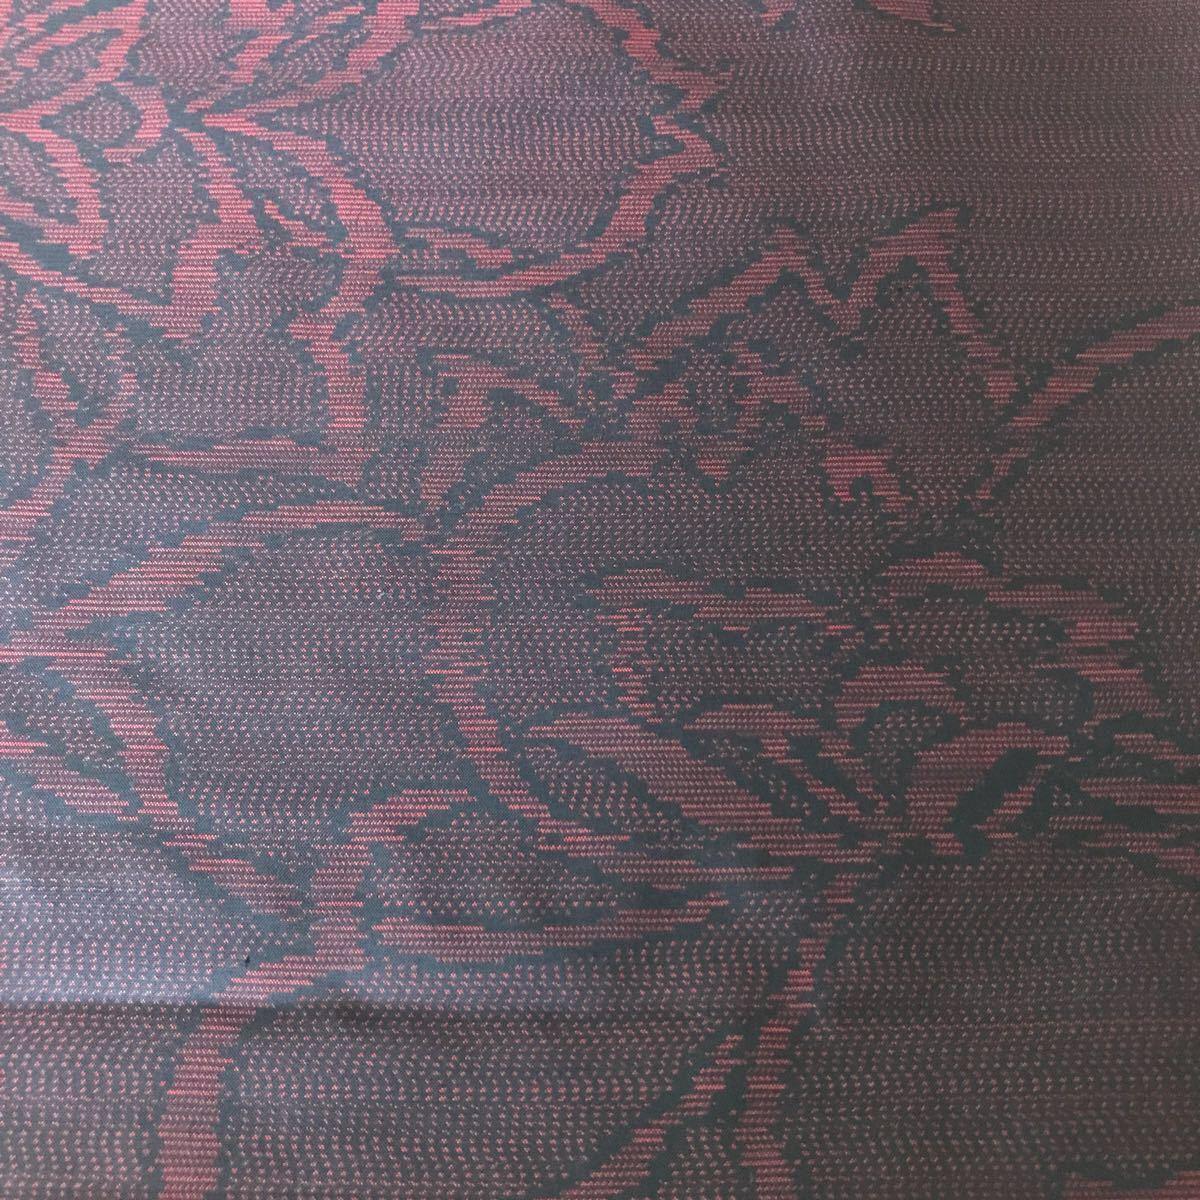 ★おまとめ品 大島紬花 赤黒★ 117 古布 正絹 着物リメイク アンティーク リメイク 花模様 はぎれ